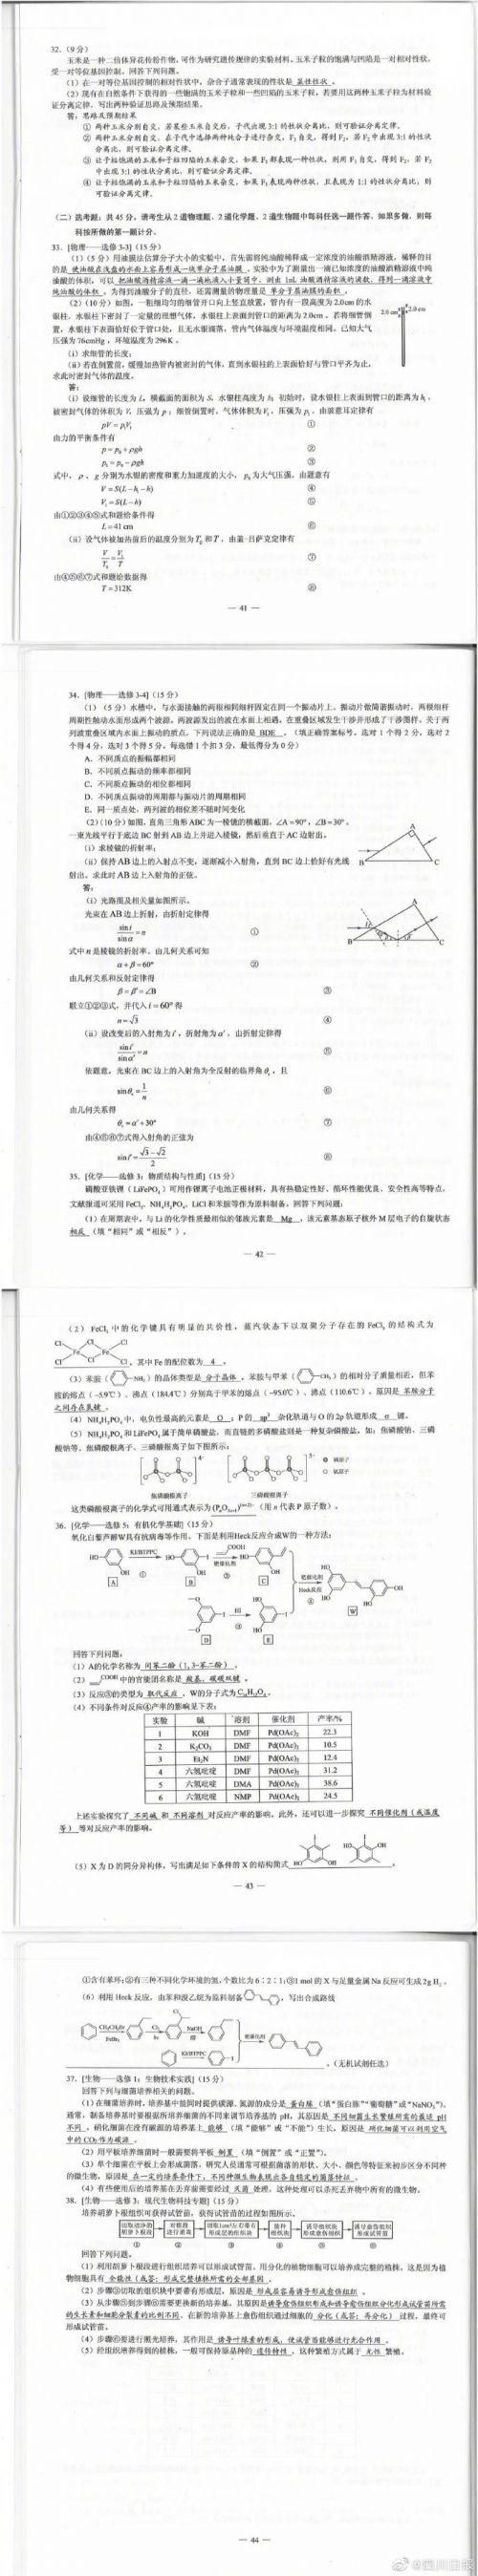 2019高考四川(全国三卷)理科综合试卷和答案9